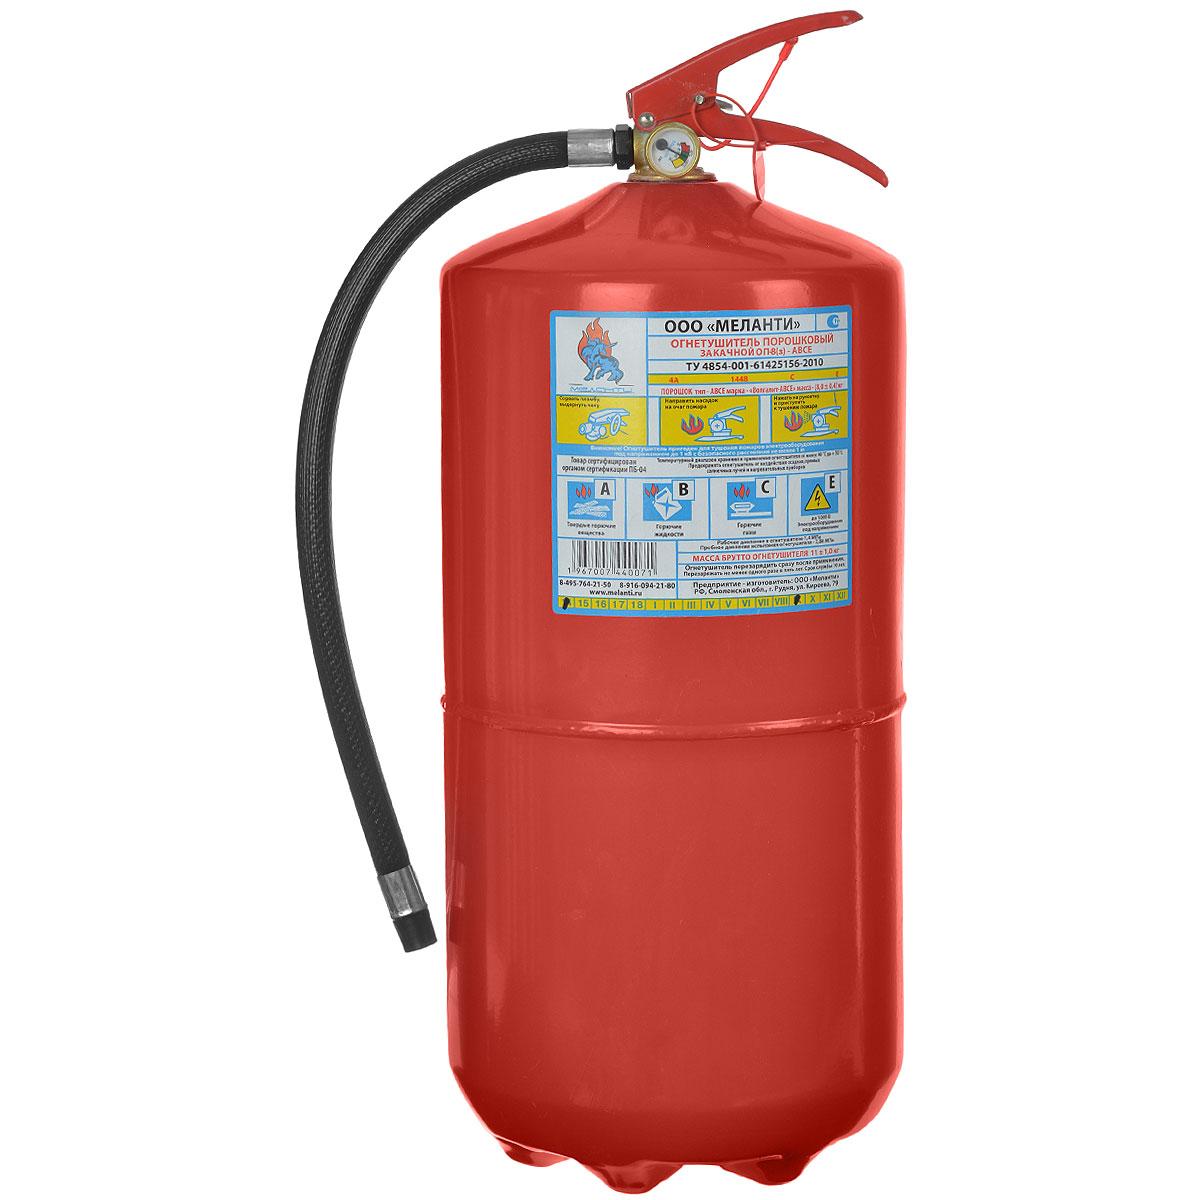 Огнетушитель Phantom ОП-8, 8 л5209Порошковый огнетушитель Phantom ОП-8 предназначен для тушения твердых, жидких и газообразных горючих веществ, а так же электроустановок, находящихся под напряжением до 1000В (Классы пожаров A,B,C,E). Температура эксплуатации от -40 до +50°С.